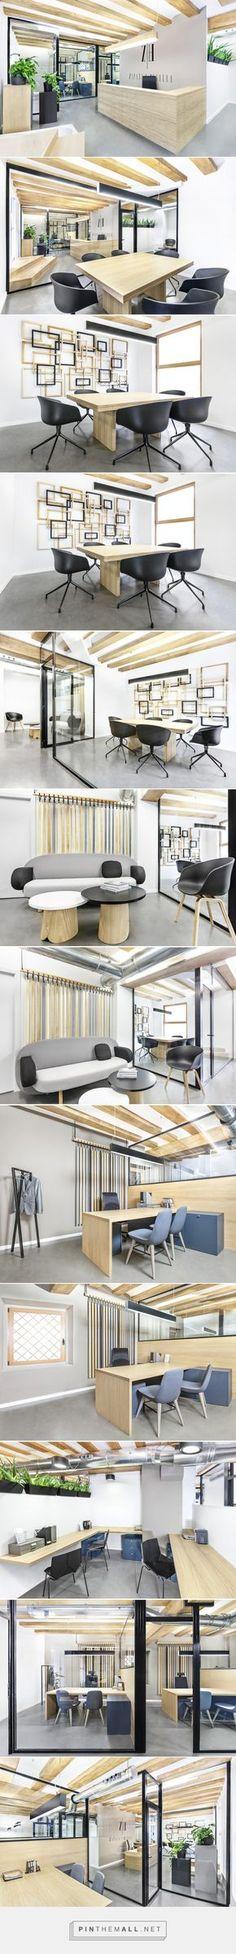 Zapata & Herrera Law Firm Office Design - Interior Design - by Masquespacio